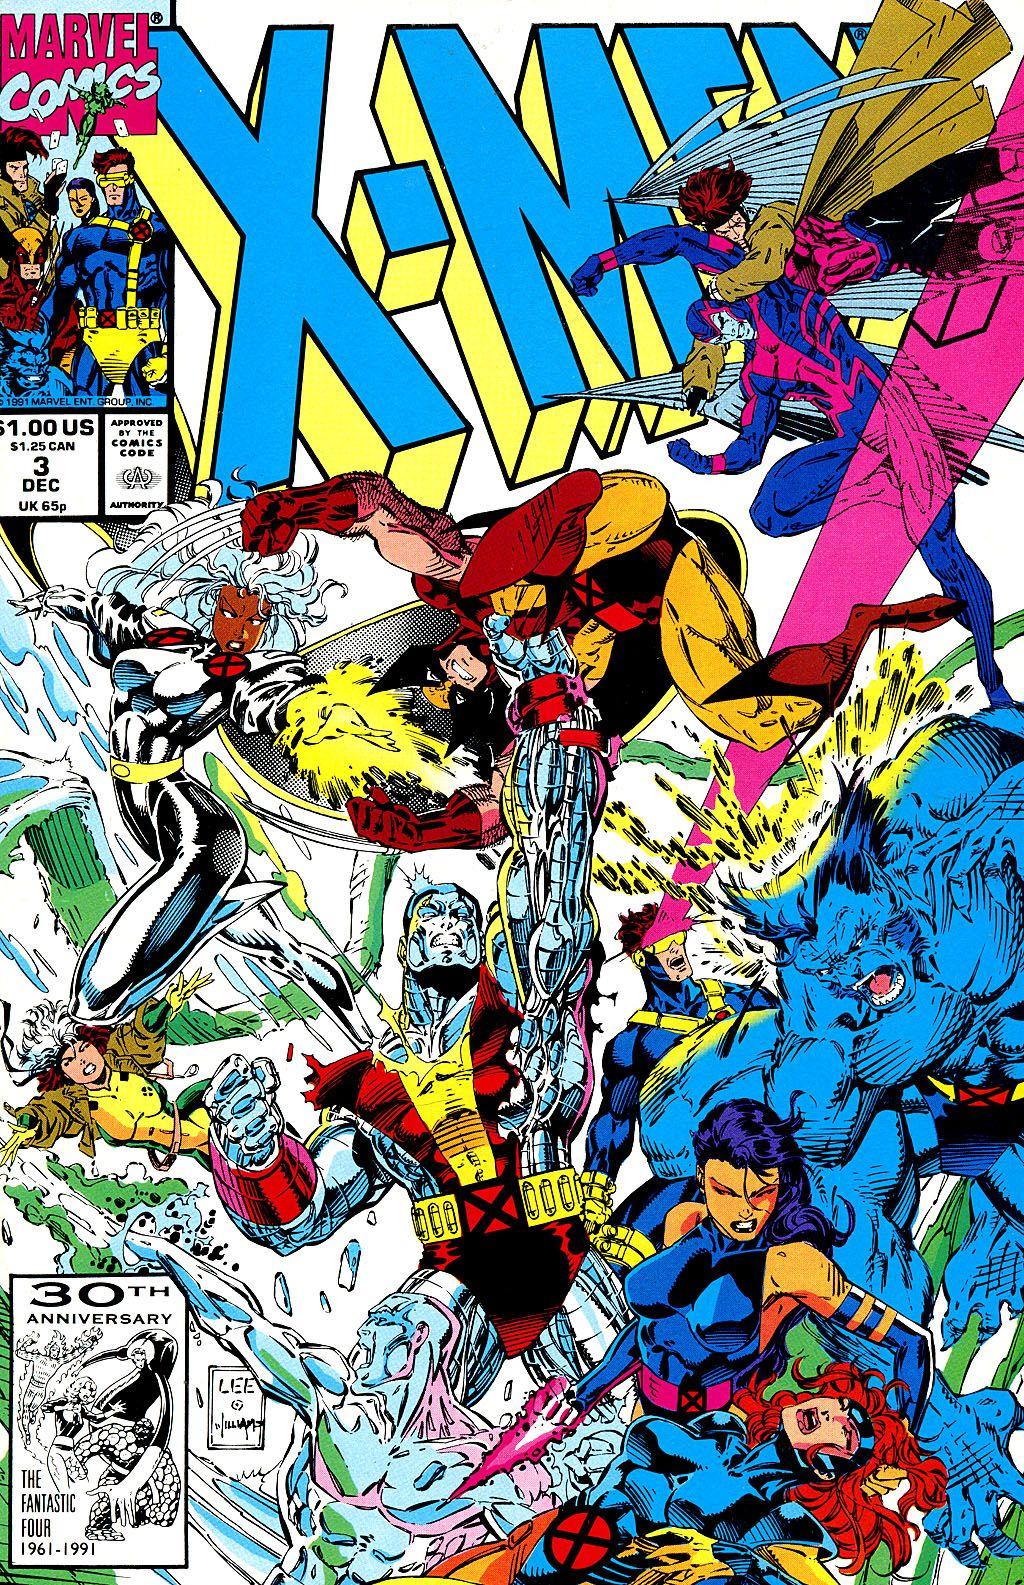 X Men Vol 2 3 With Images Jim Lee Art X Men Marvel Comics Covers